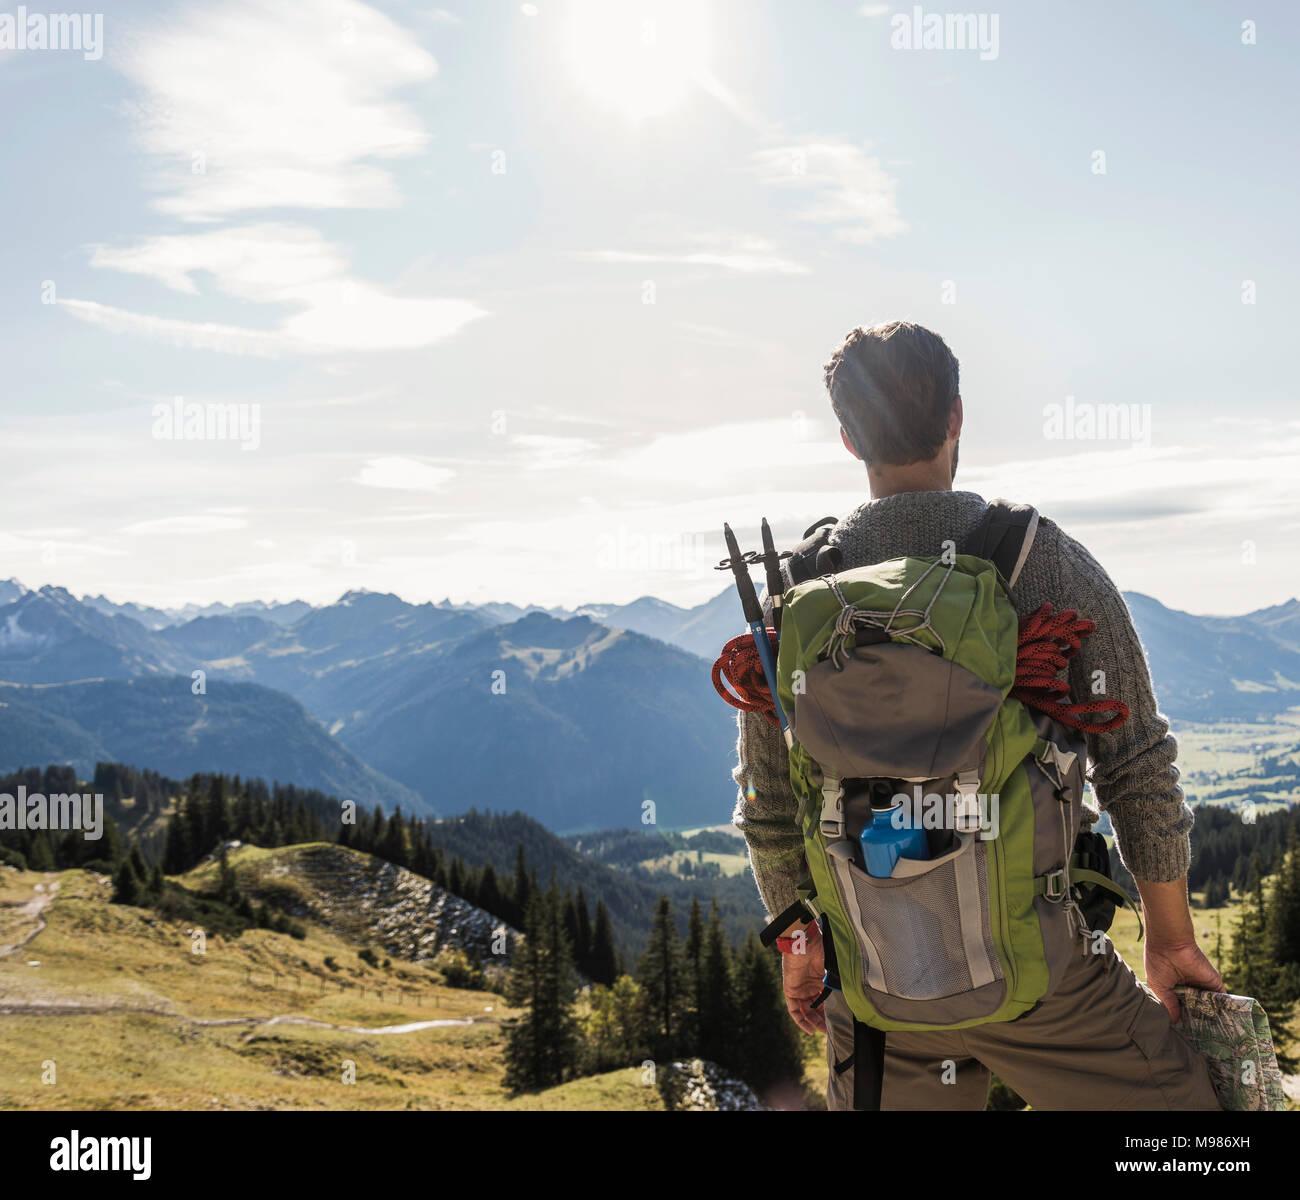 Autriche, Tyrol, jeune homme de mountainscape looking at view Photo Stock